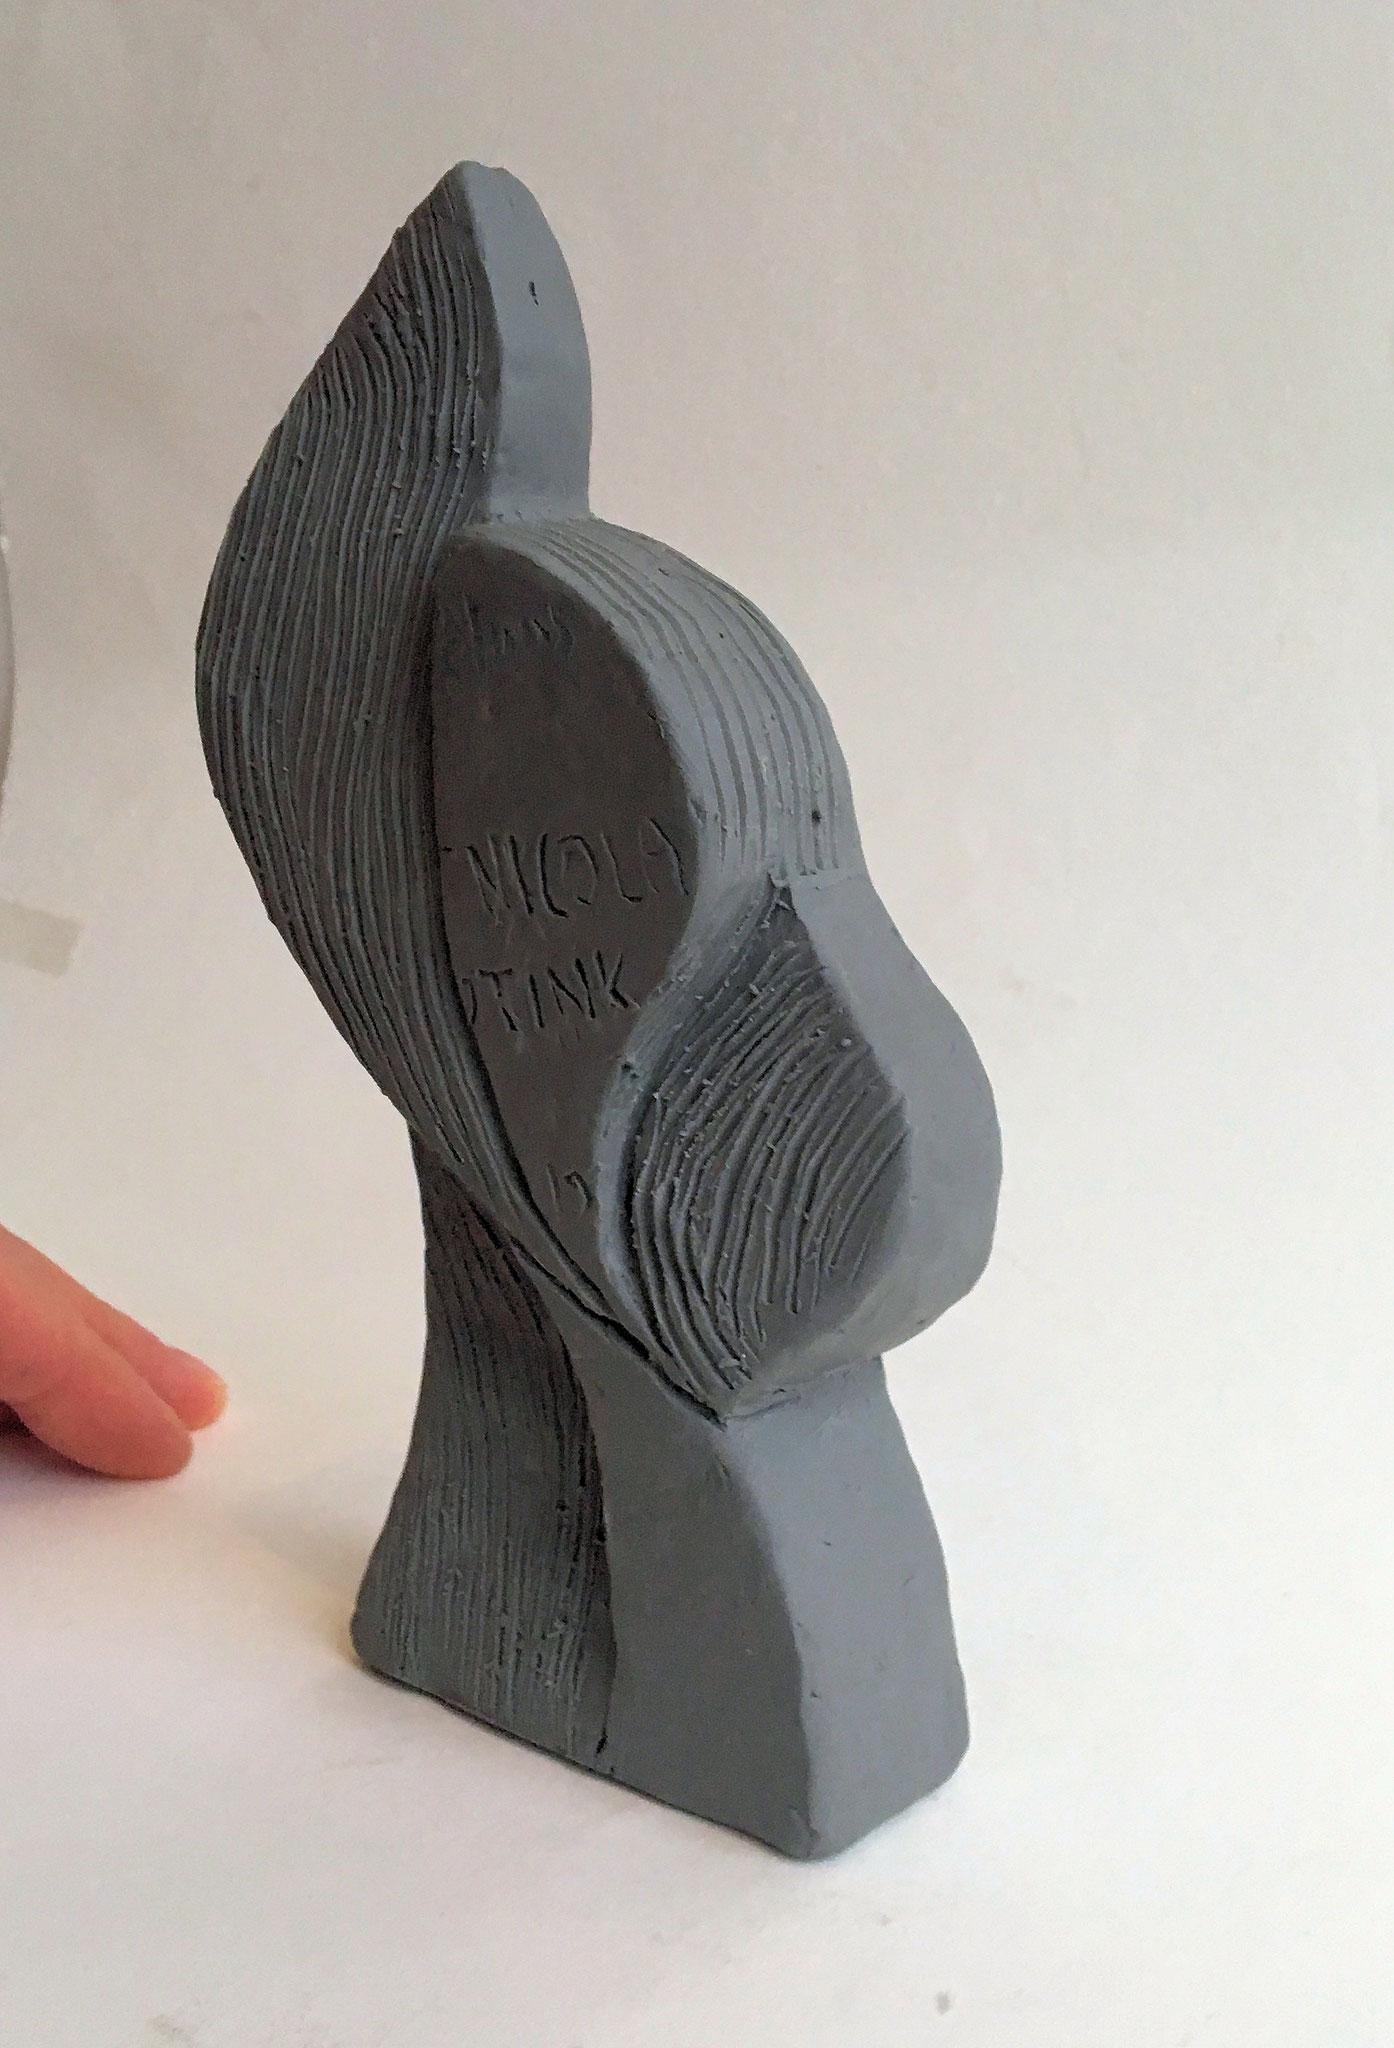 het door mij gemaakte model in klei